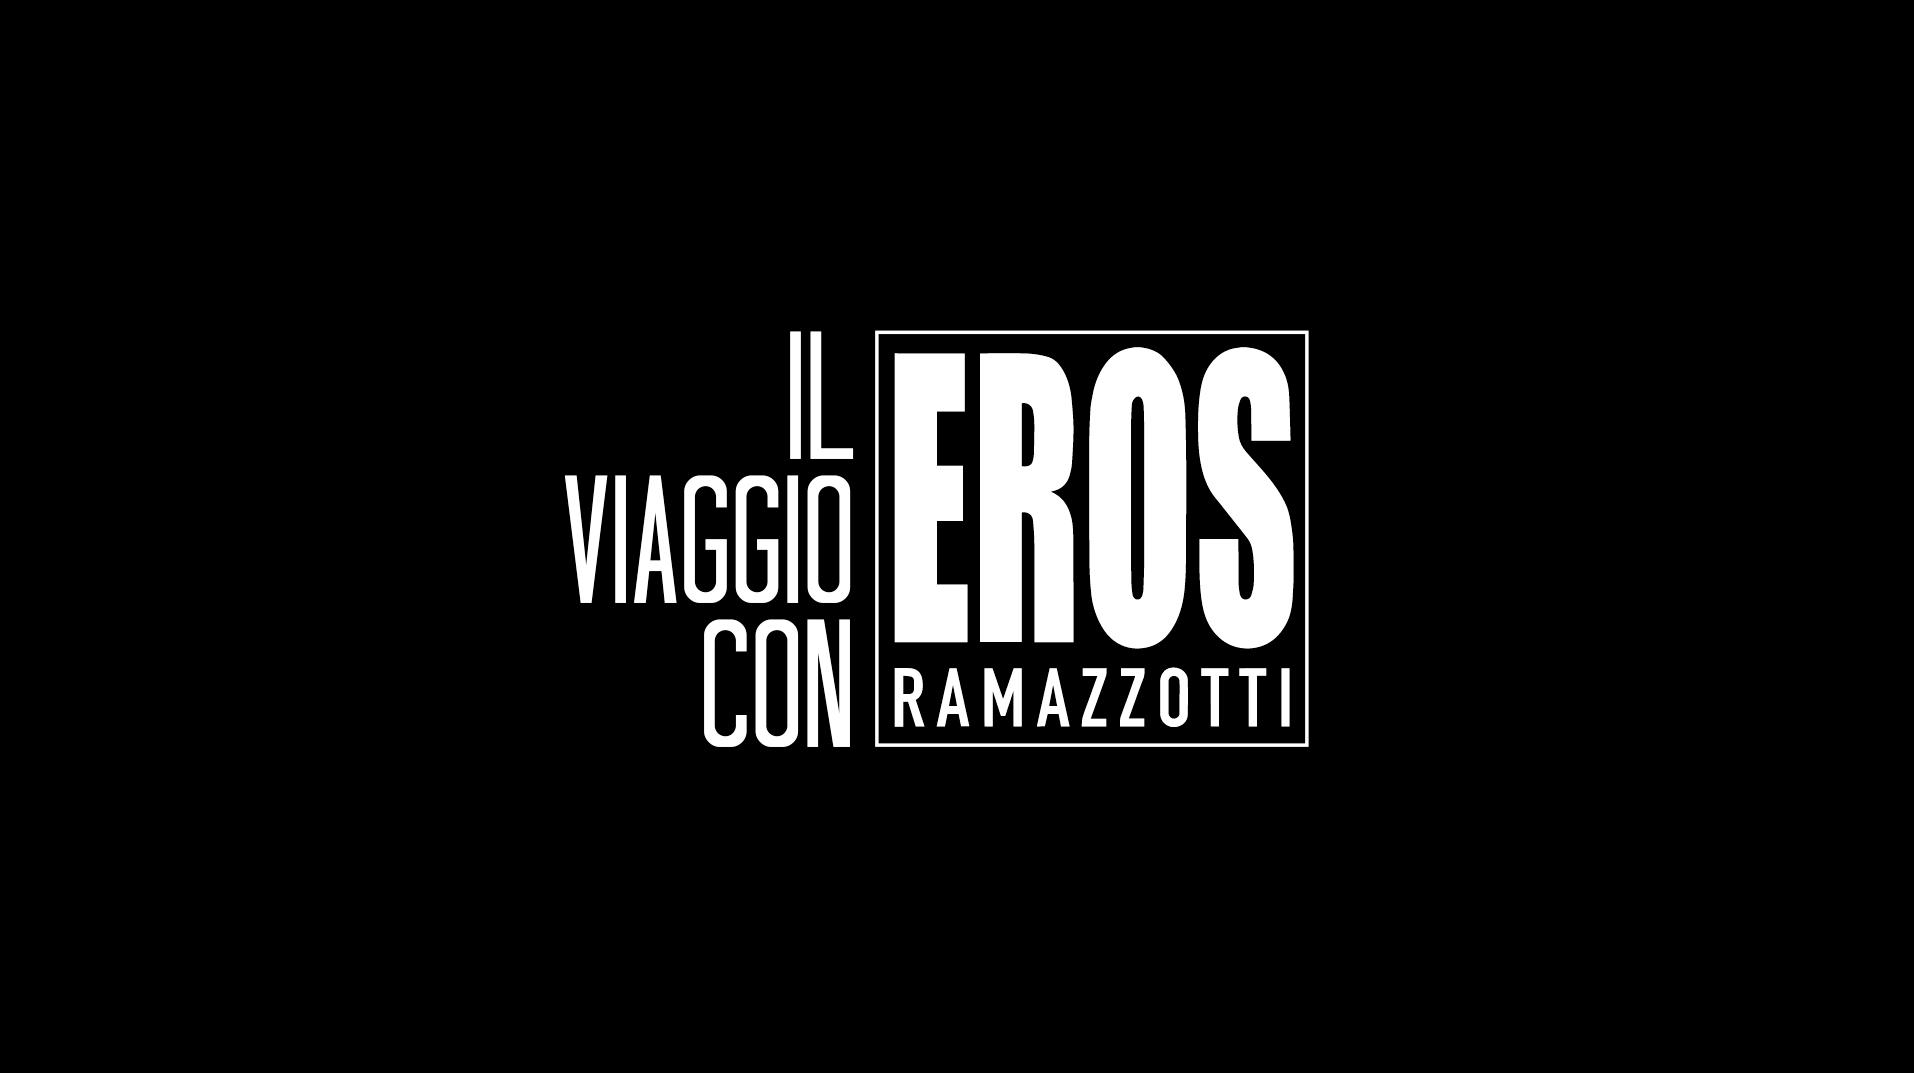 Il viaggio con Eros Ramazzotti per festeggiare con un tour mondiale 30 anni di successi su Real Time